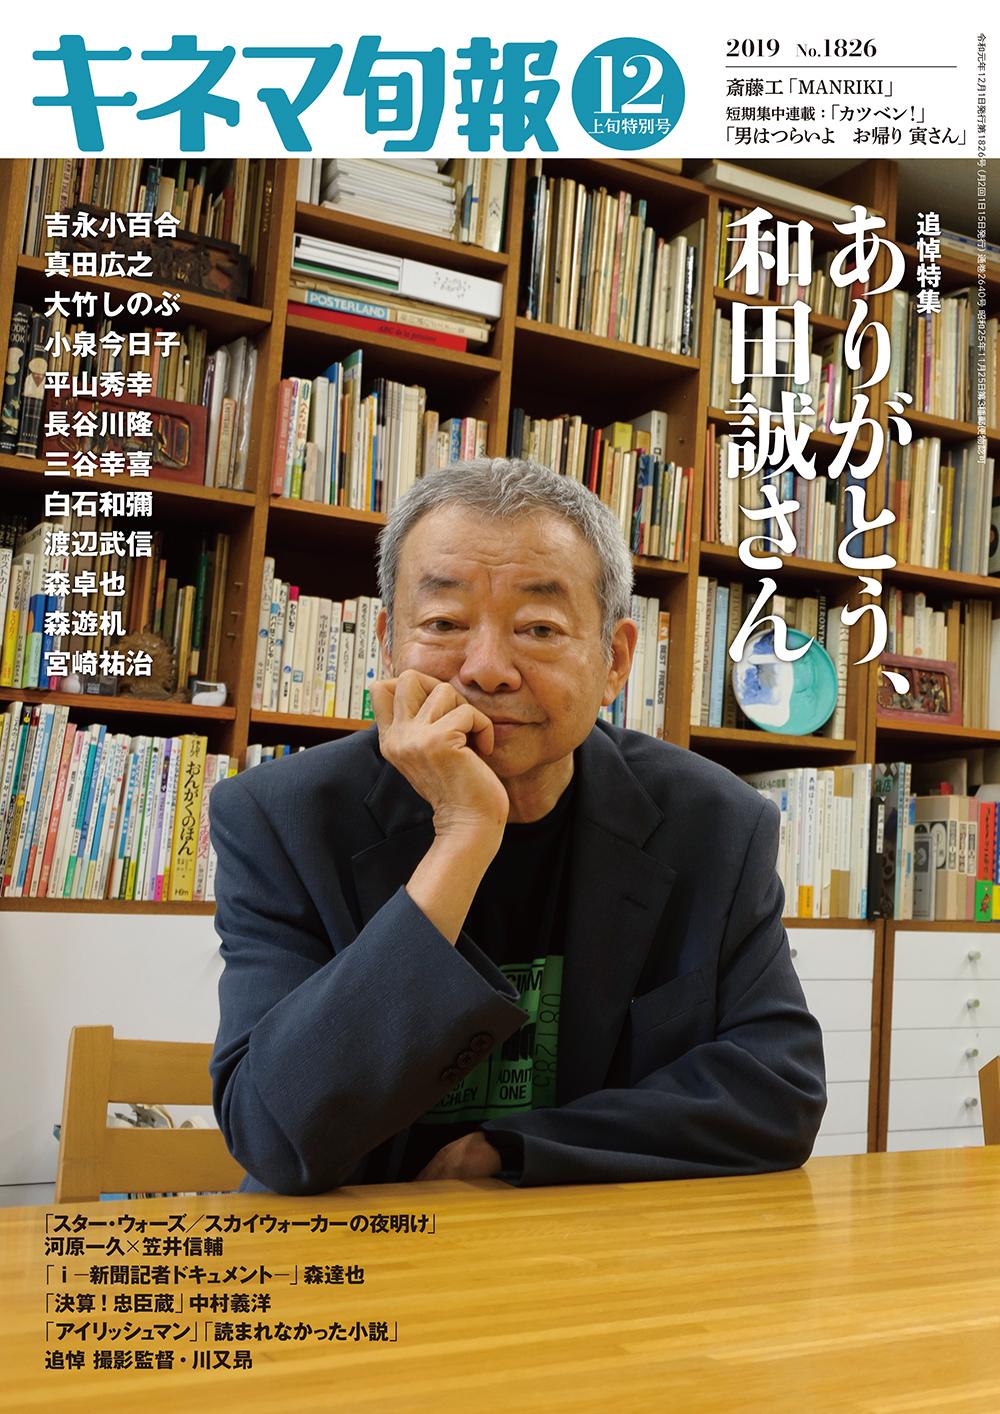 キネマ旬報 2019年12月上旬特別号 No.1826(和田誠さん追悼号)